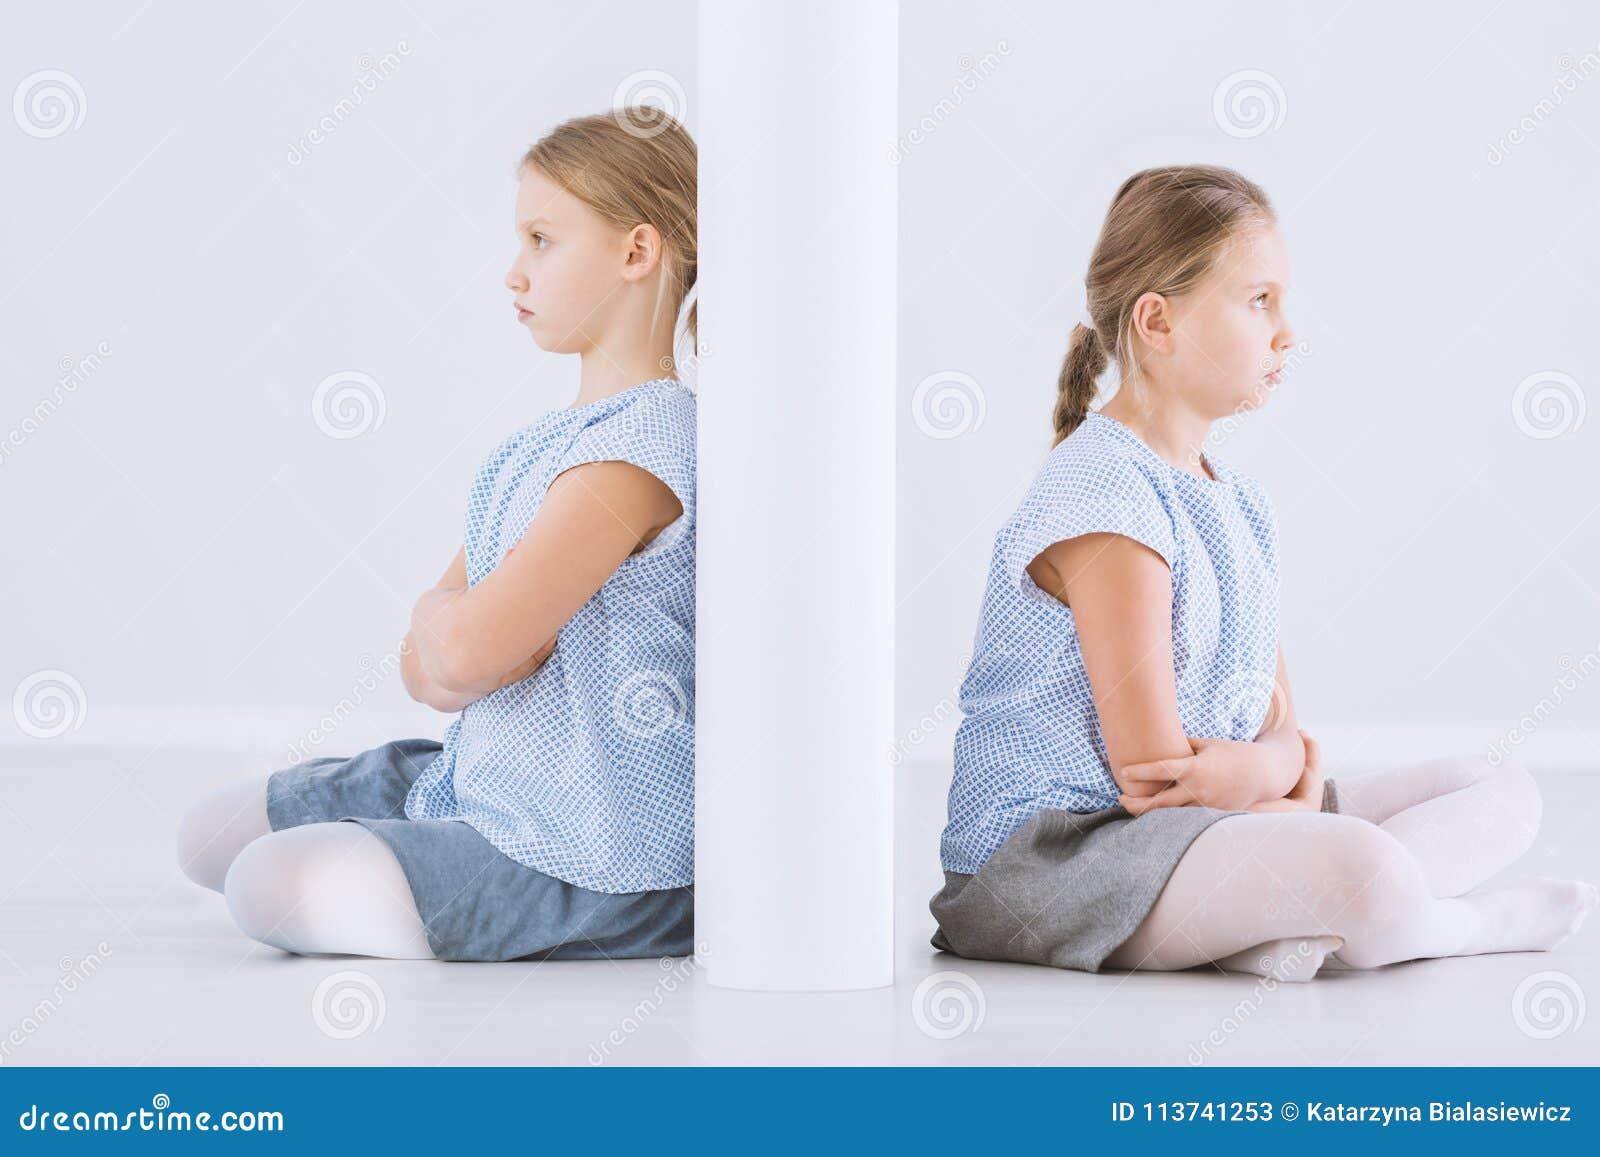 Zwillingsschwestern getrennt durch Wand